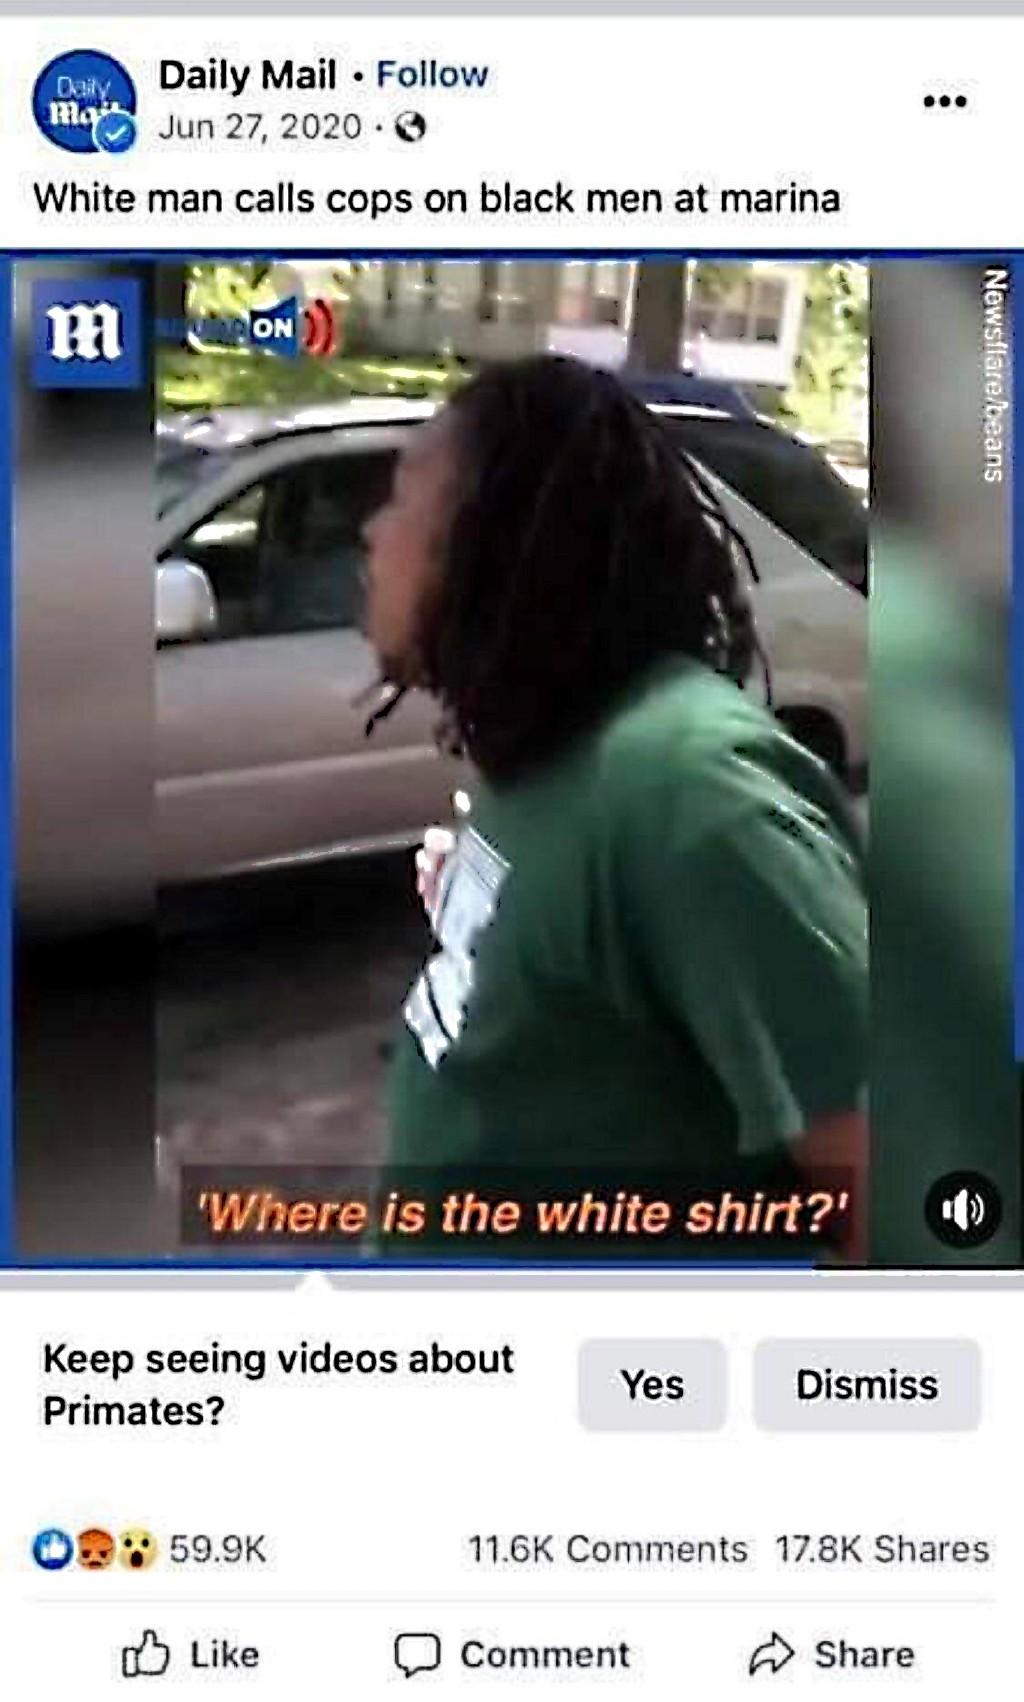 Facebook thinks black man is primate